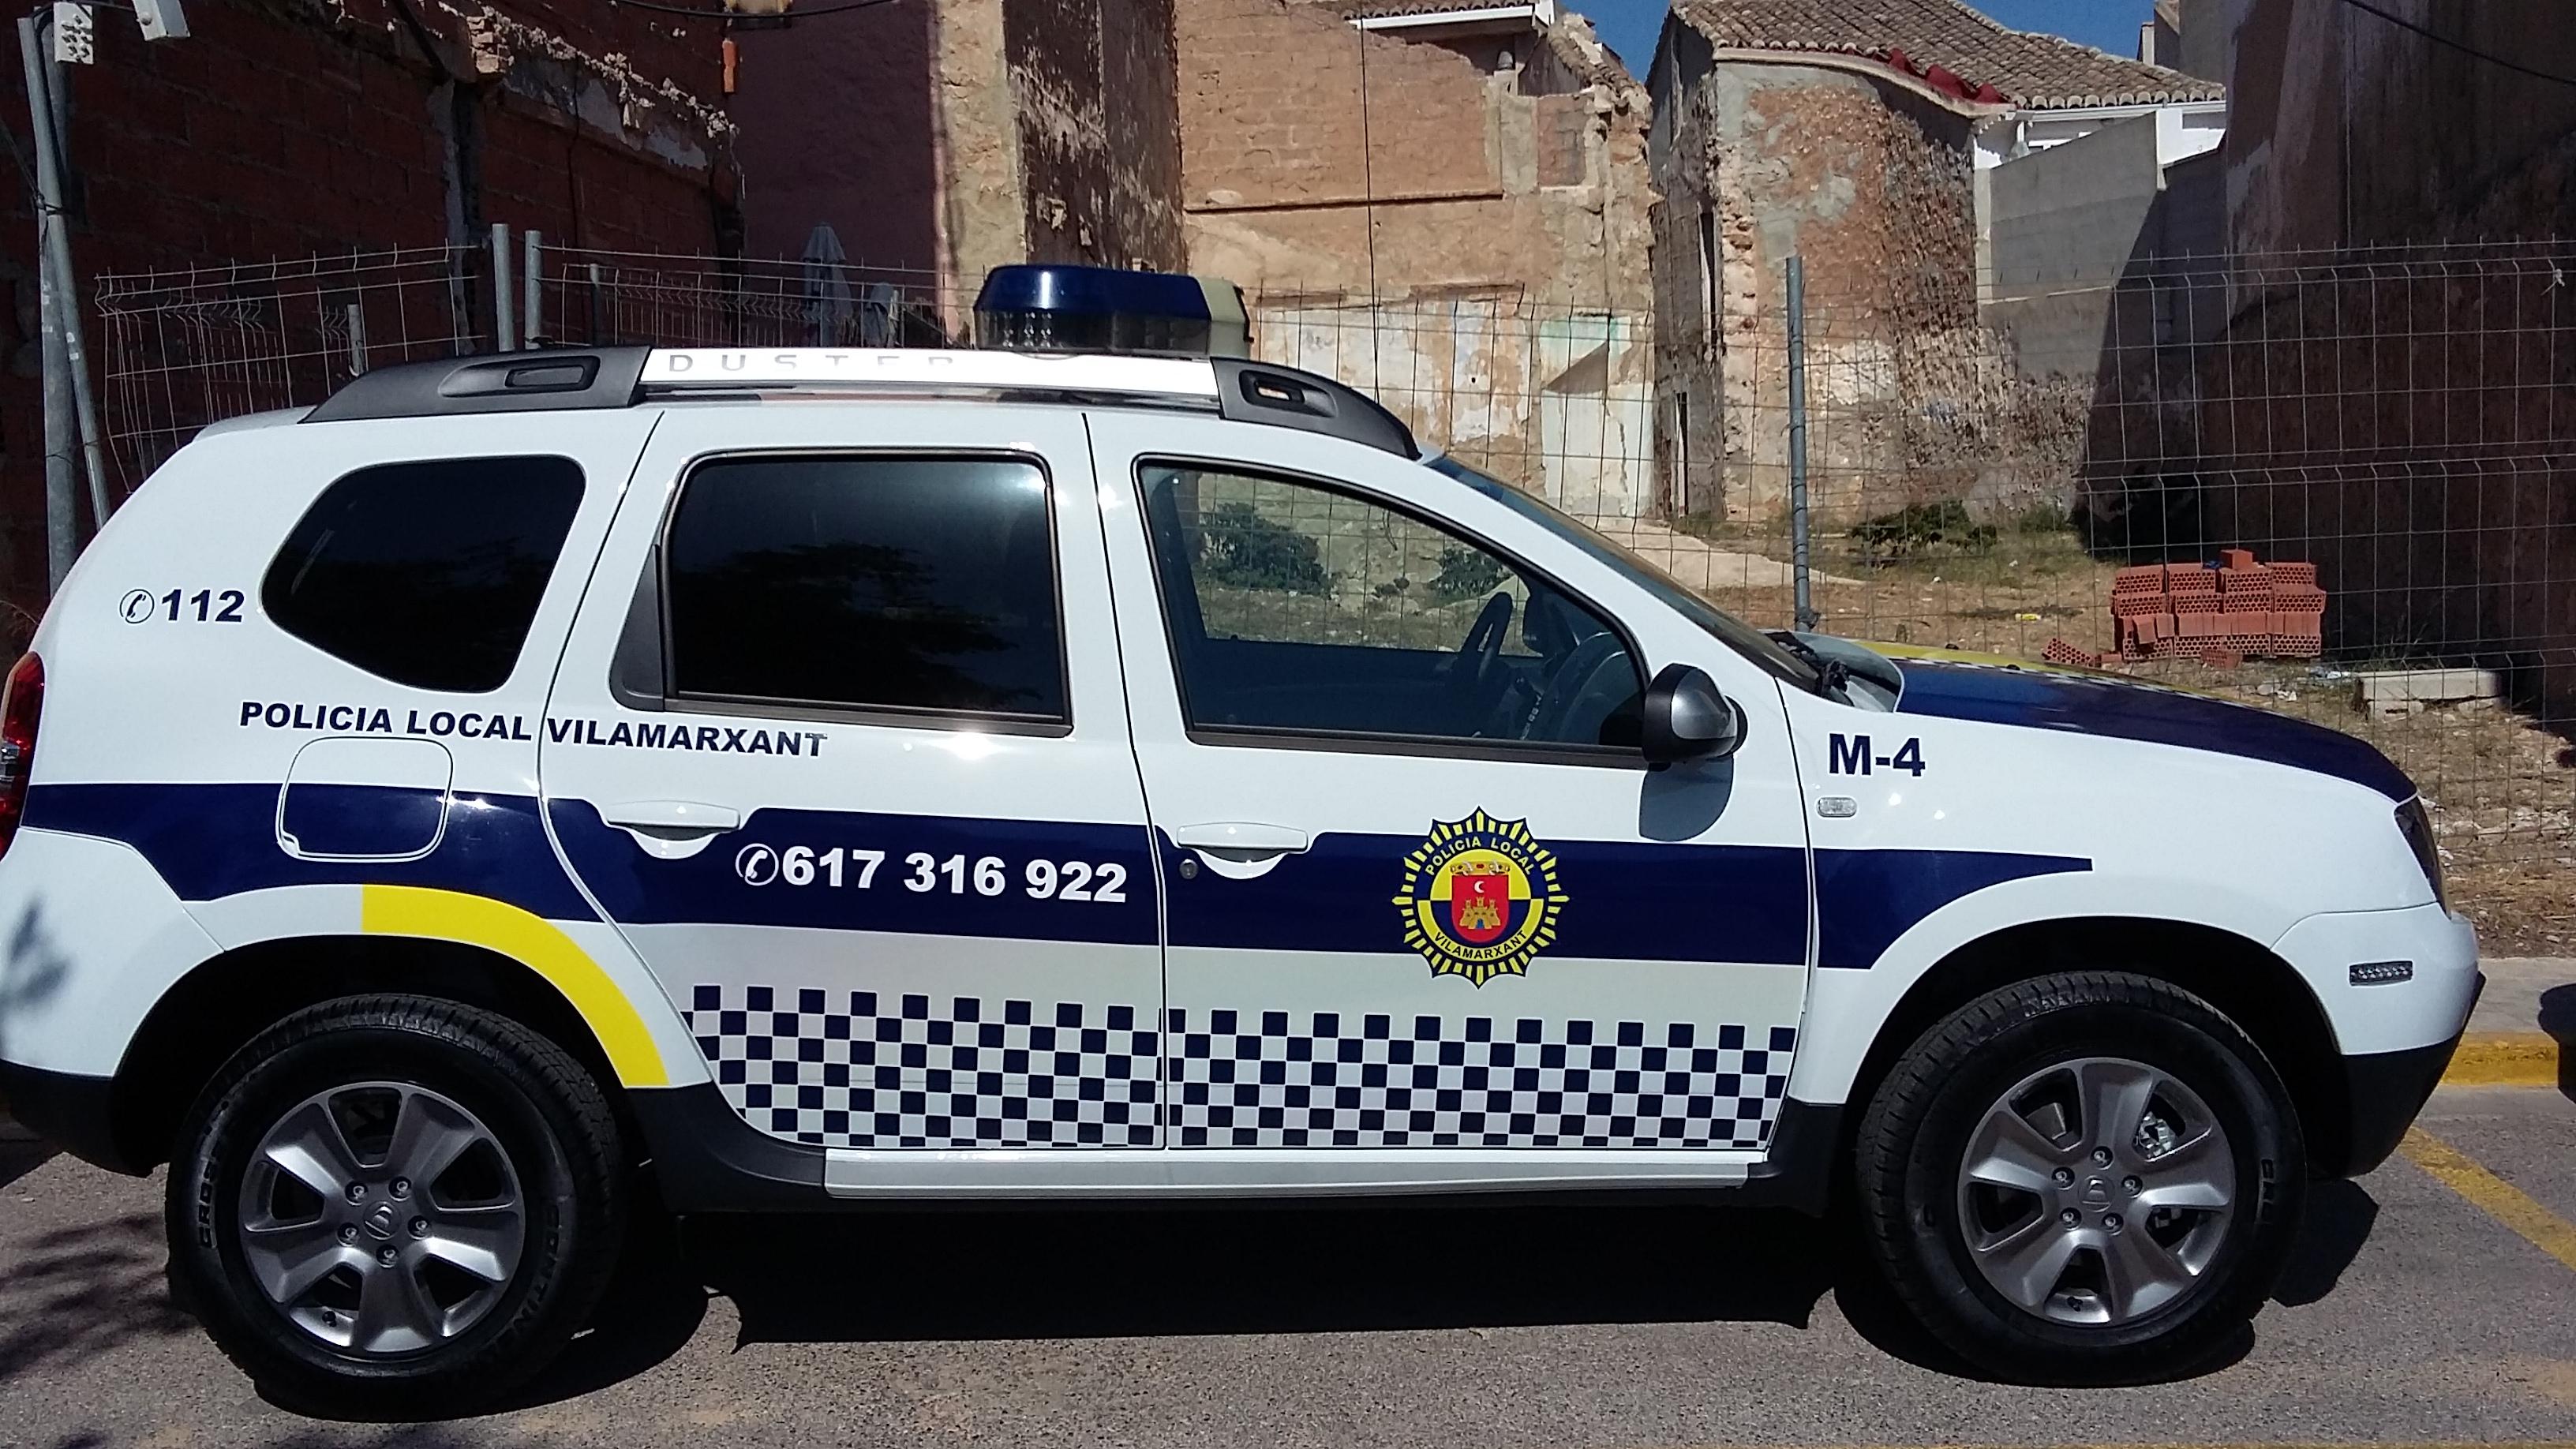 Vehicle de la Policia Local.